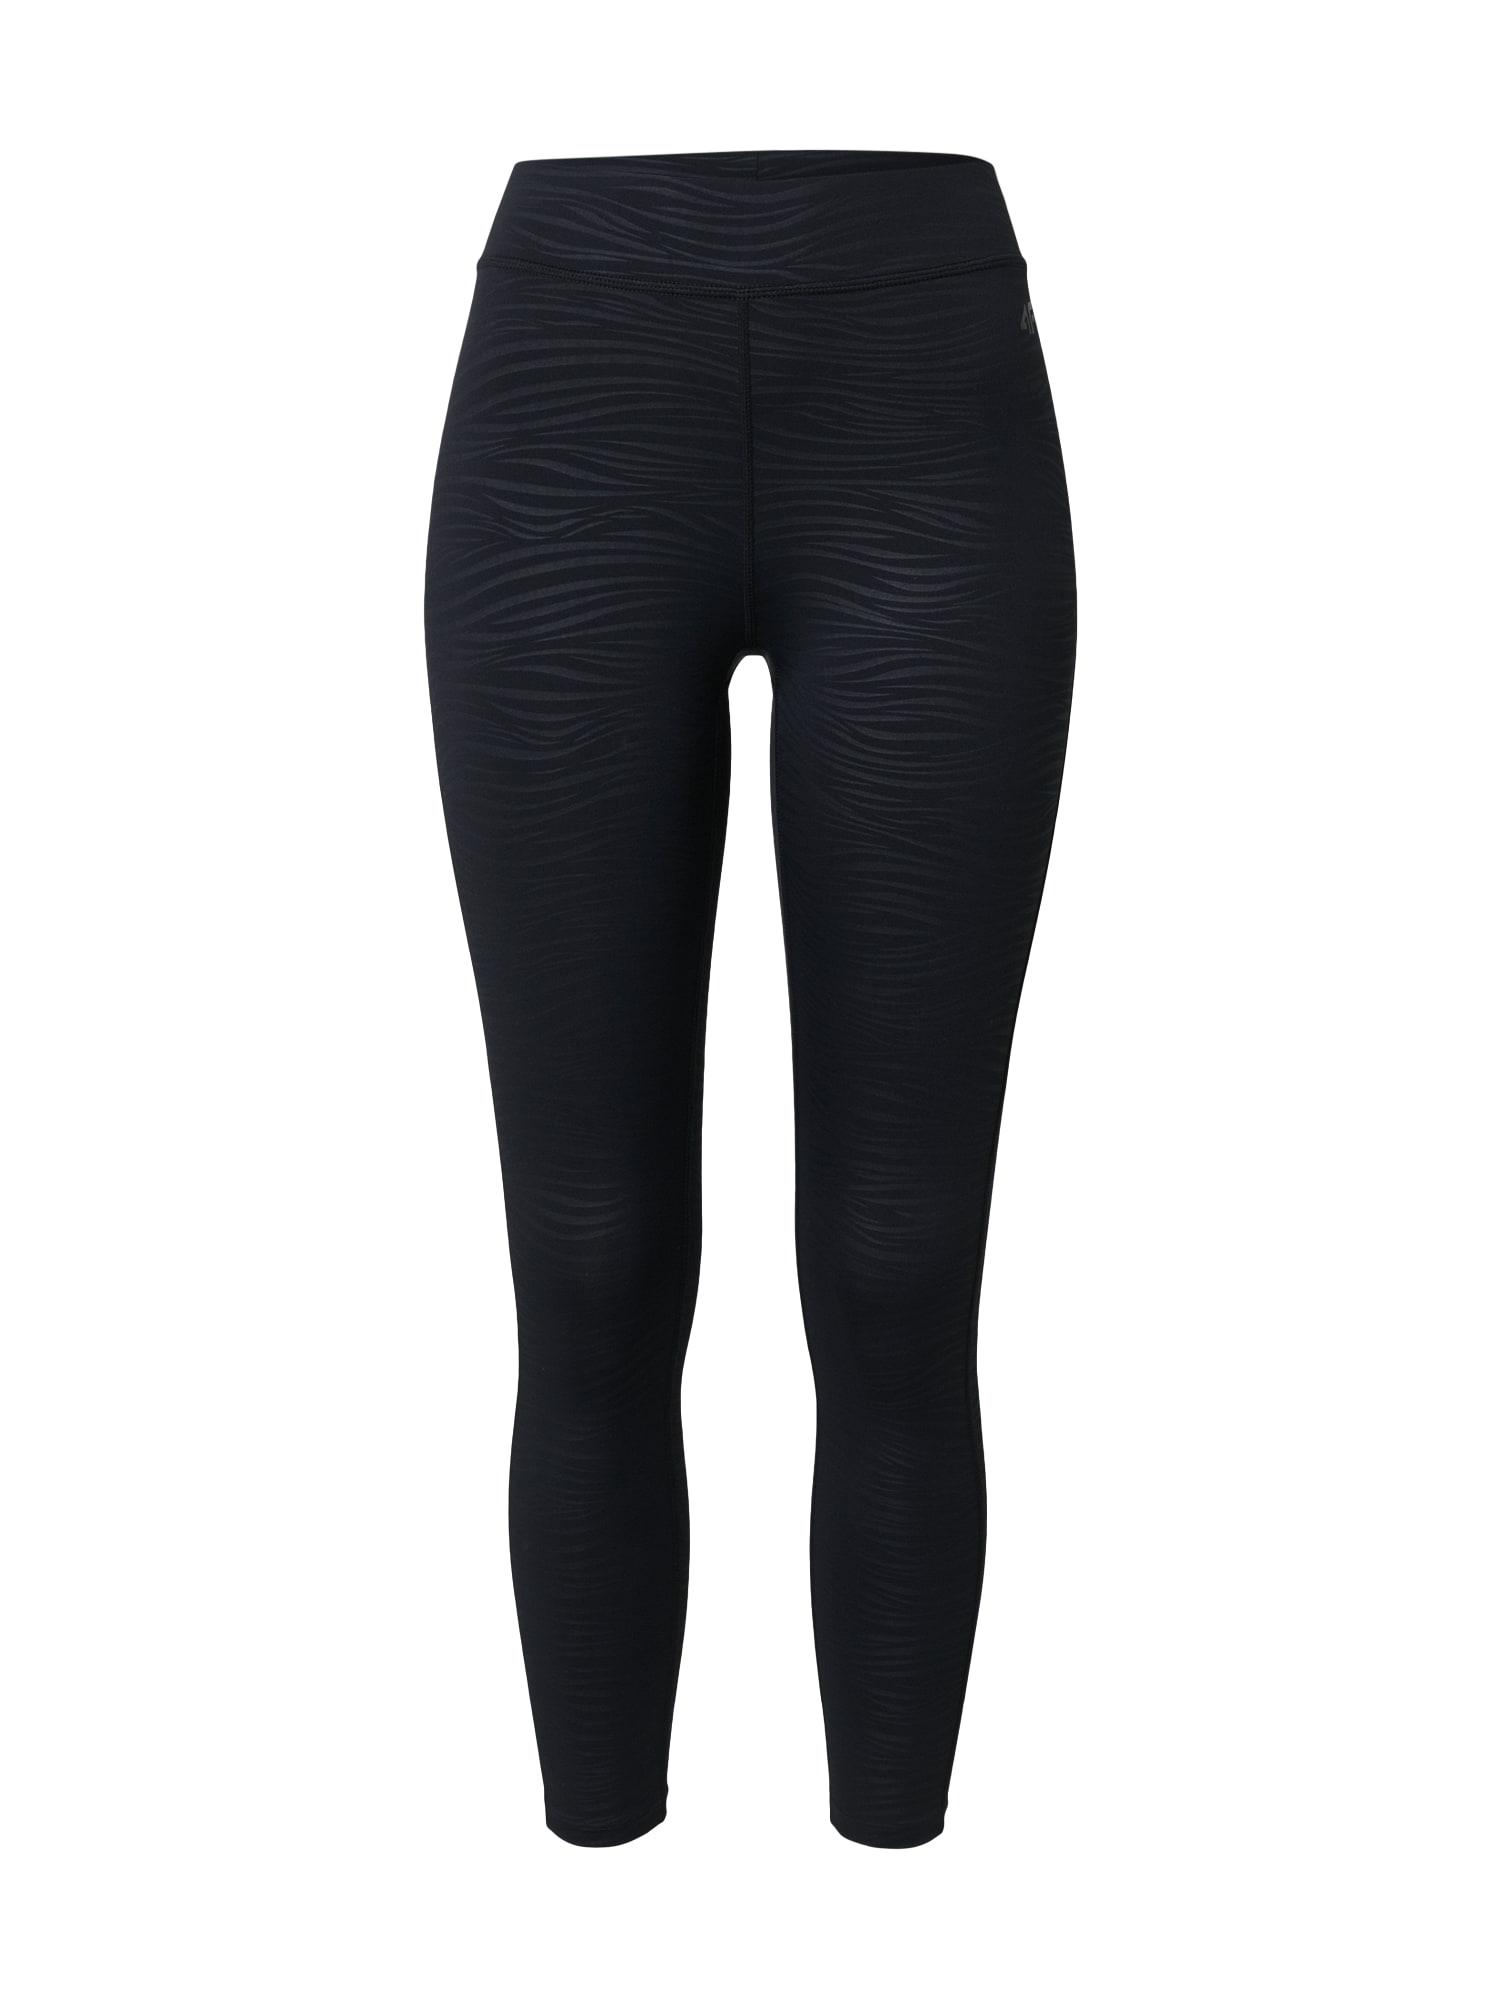 4F Sportinės kelnės juoda / antracito